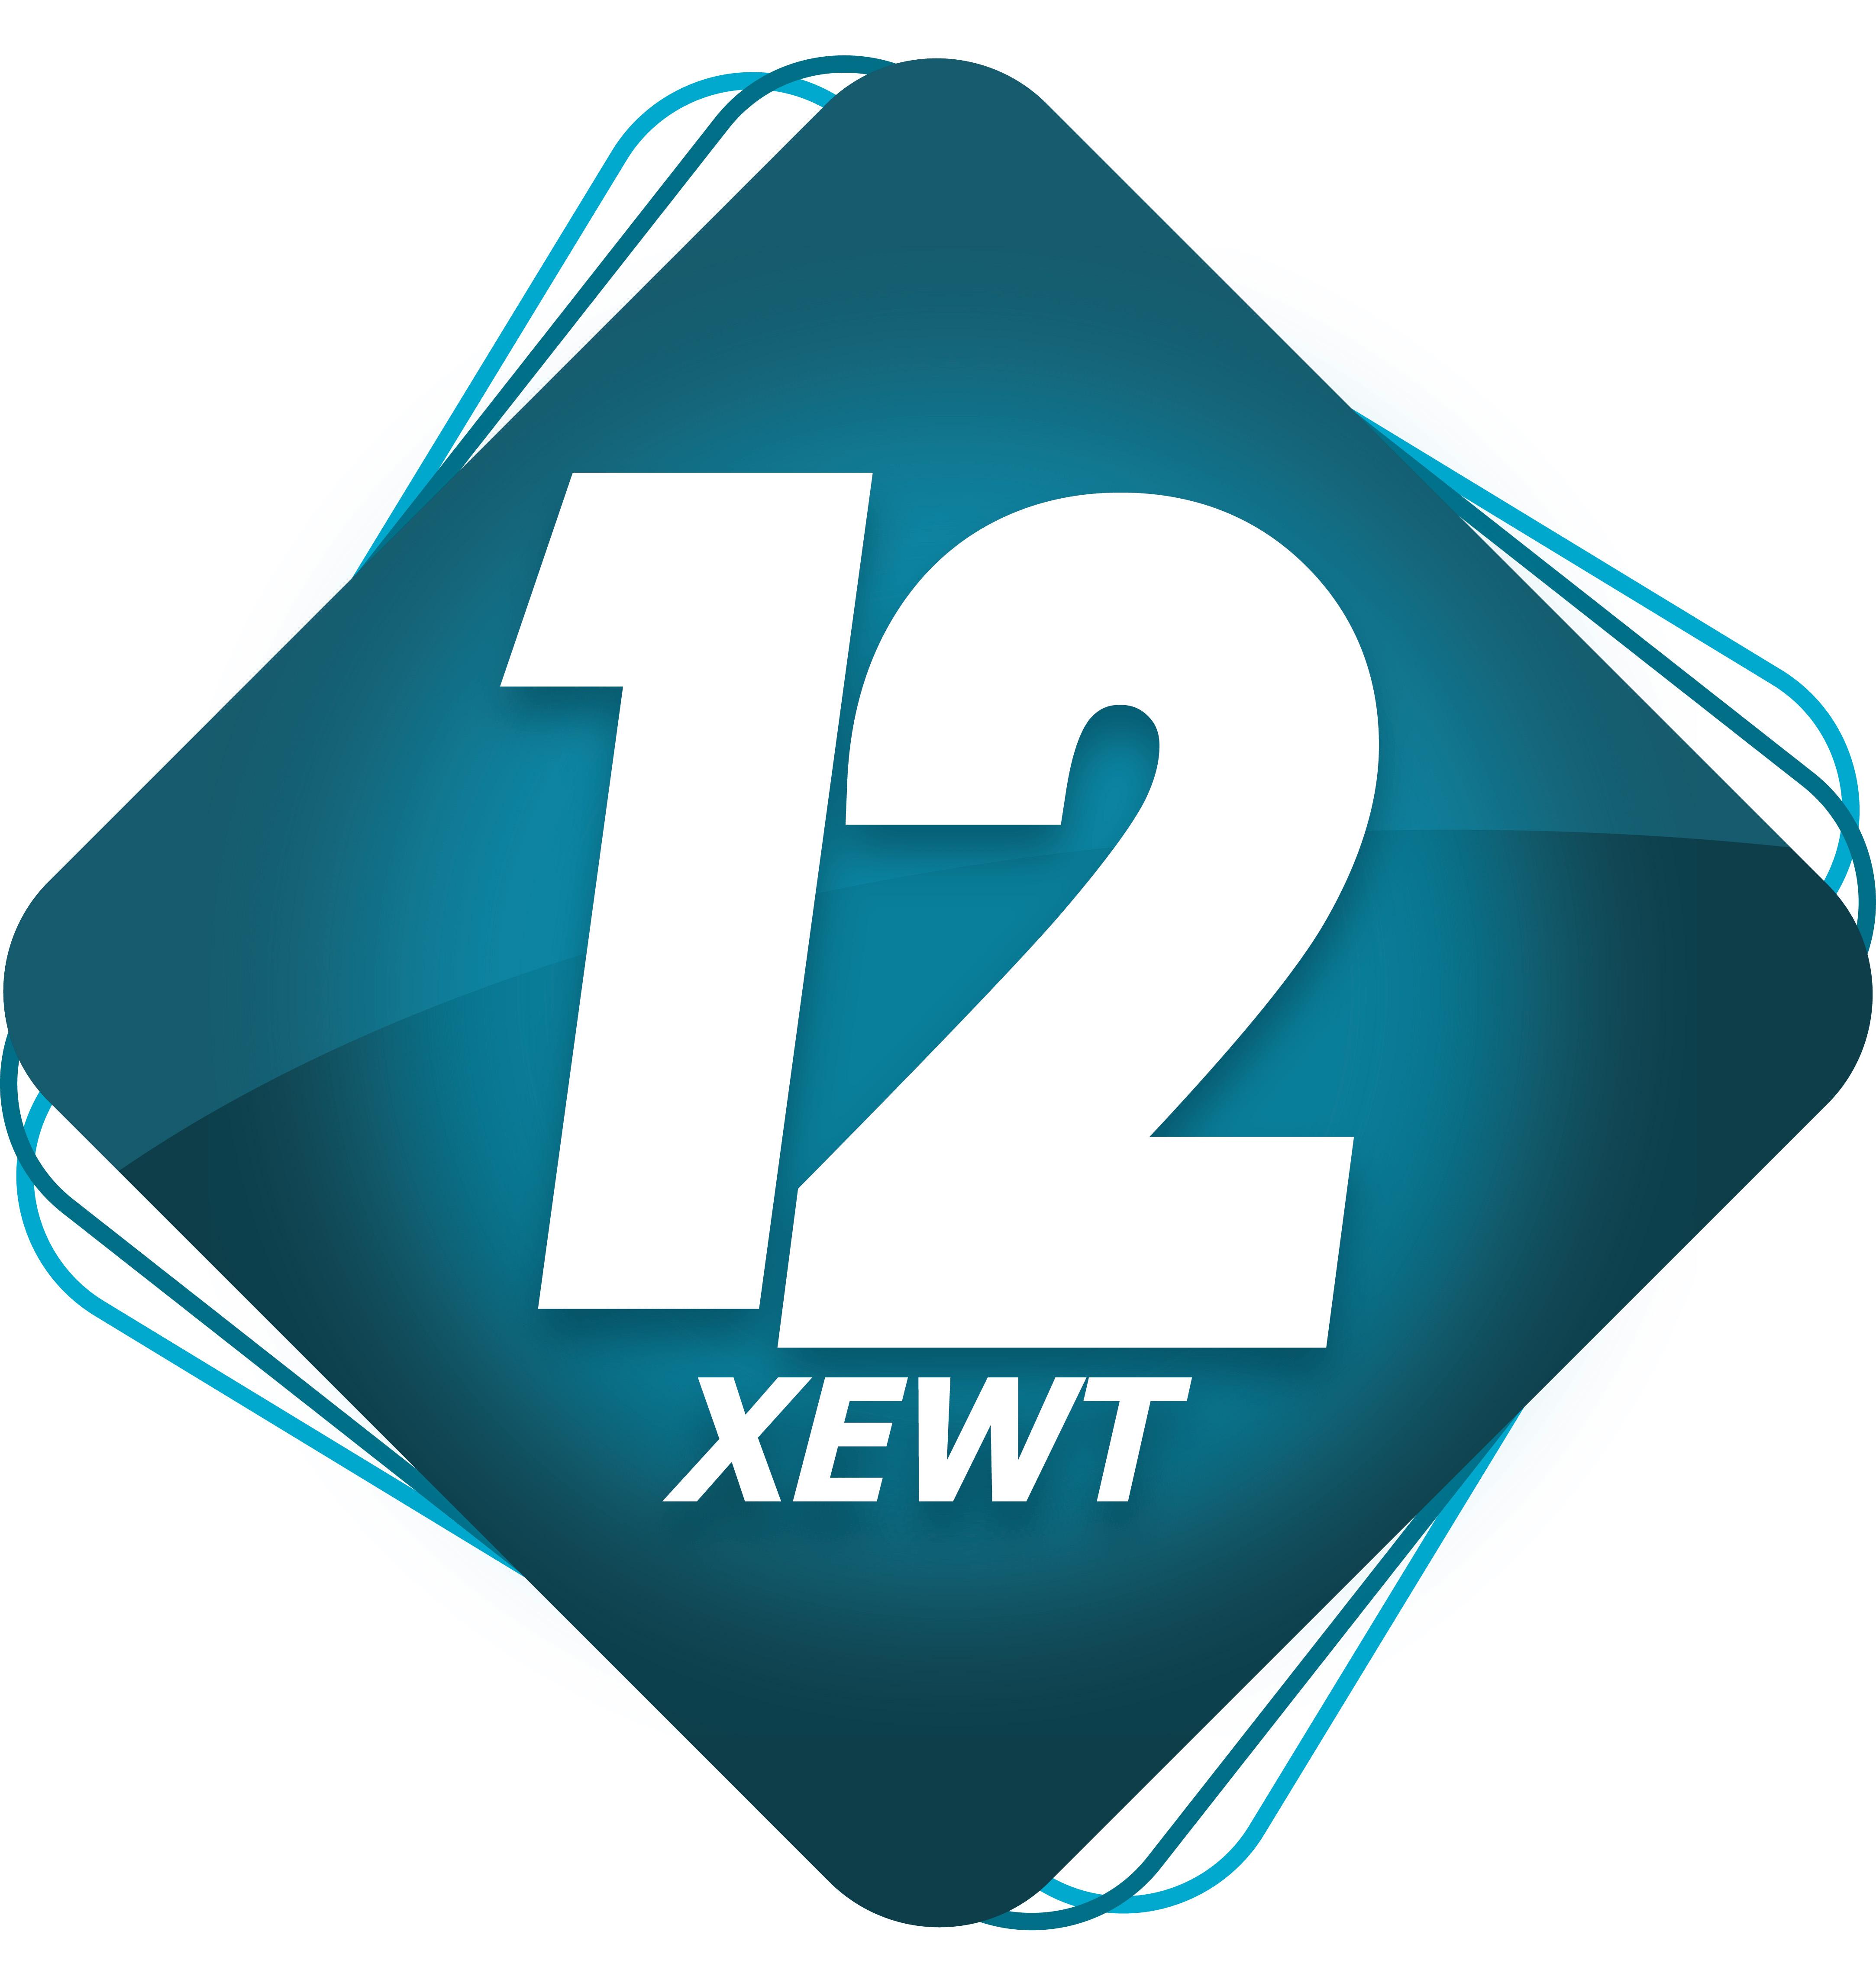 12 XEWT